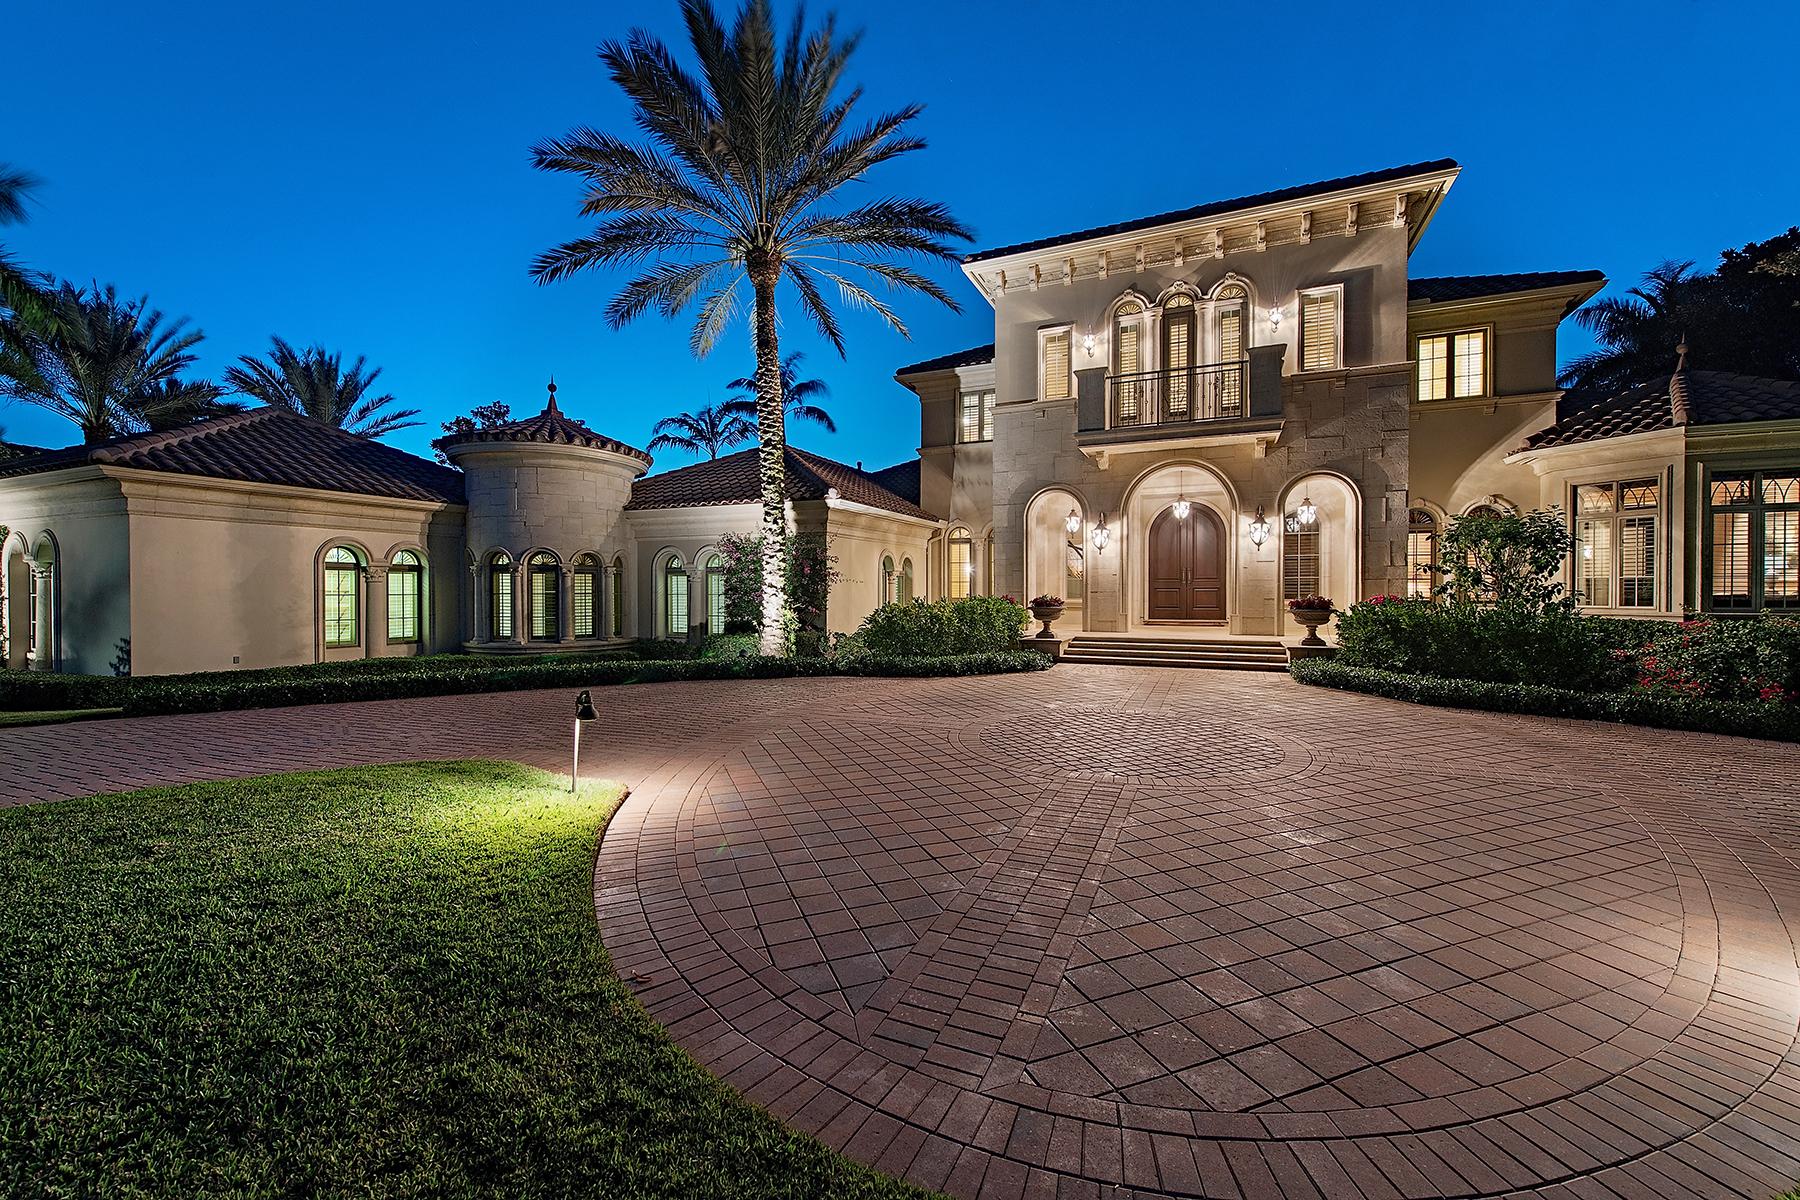 Villa per Vendita alle ore 1397 Great Egret Trl , Naples, FL 34105 1397 Great Egret Trl Naples, Florida, 34105 Stati Uniti